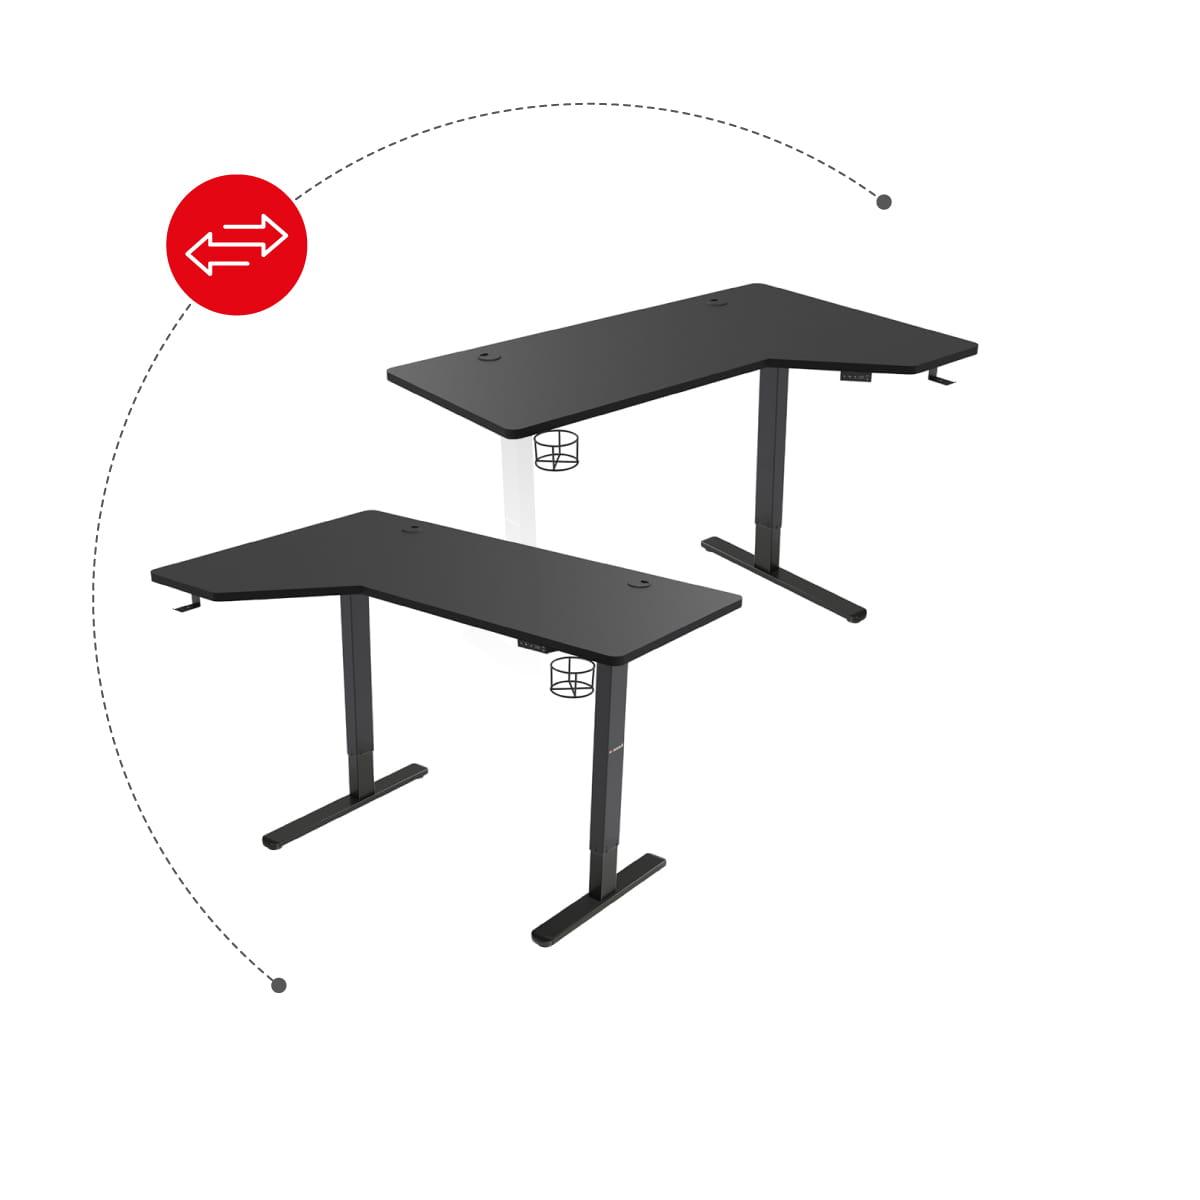 Możliwość dwu stronnego montażu biurku elektrycznego Hero 9.0